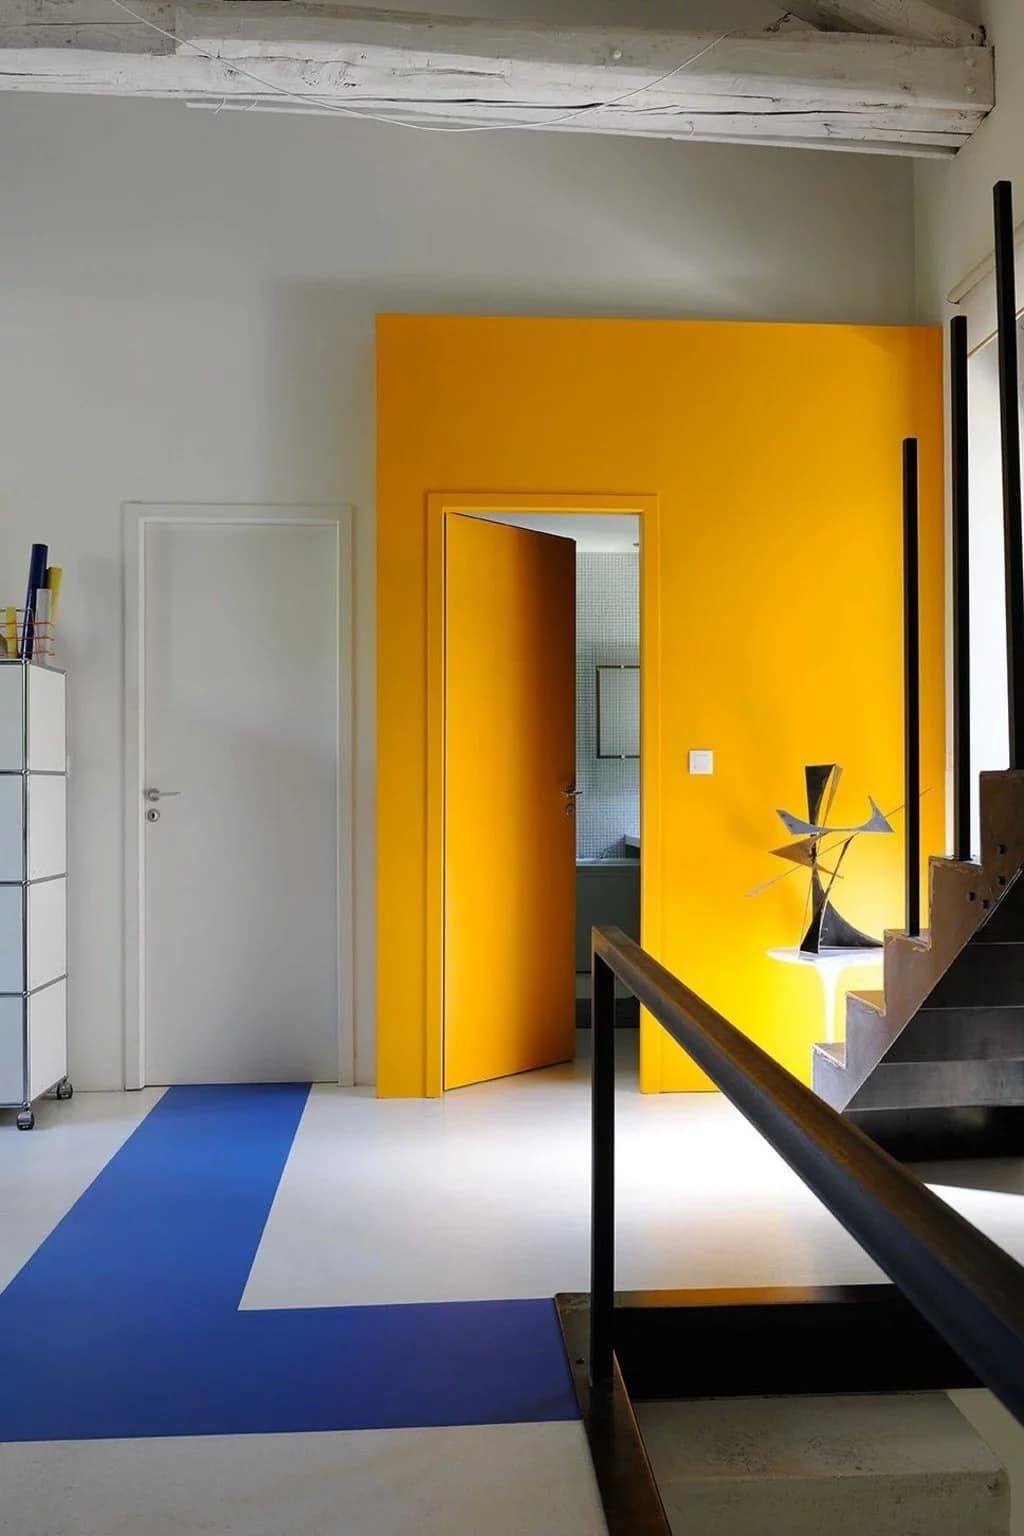 Entree Au Style Pop Couloir Seventies Papier Peint Peinture Coloree Meubles Couleurs Vives Vestiair Decoration Interieure Meuble Terrasse Mobilier De Salon